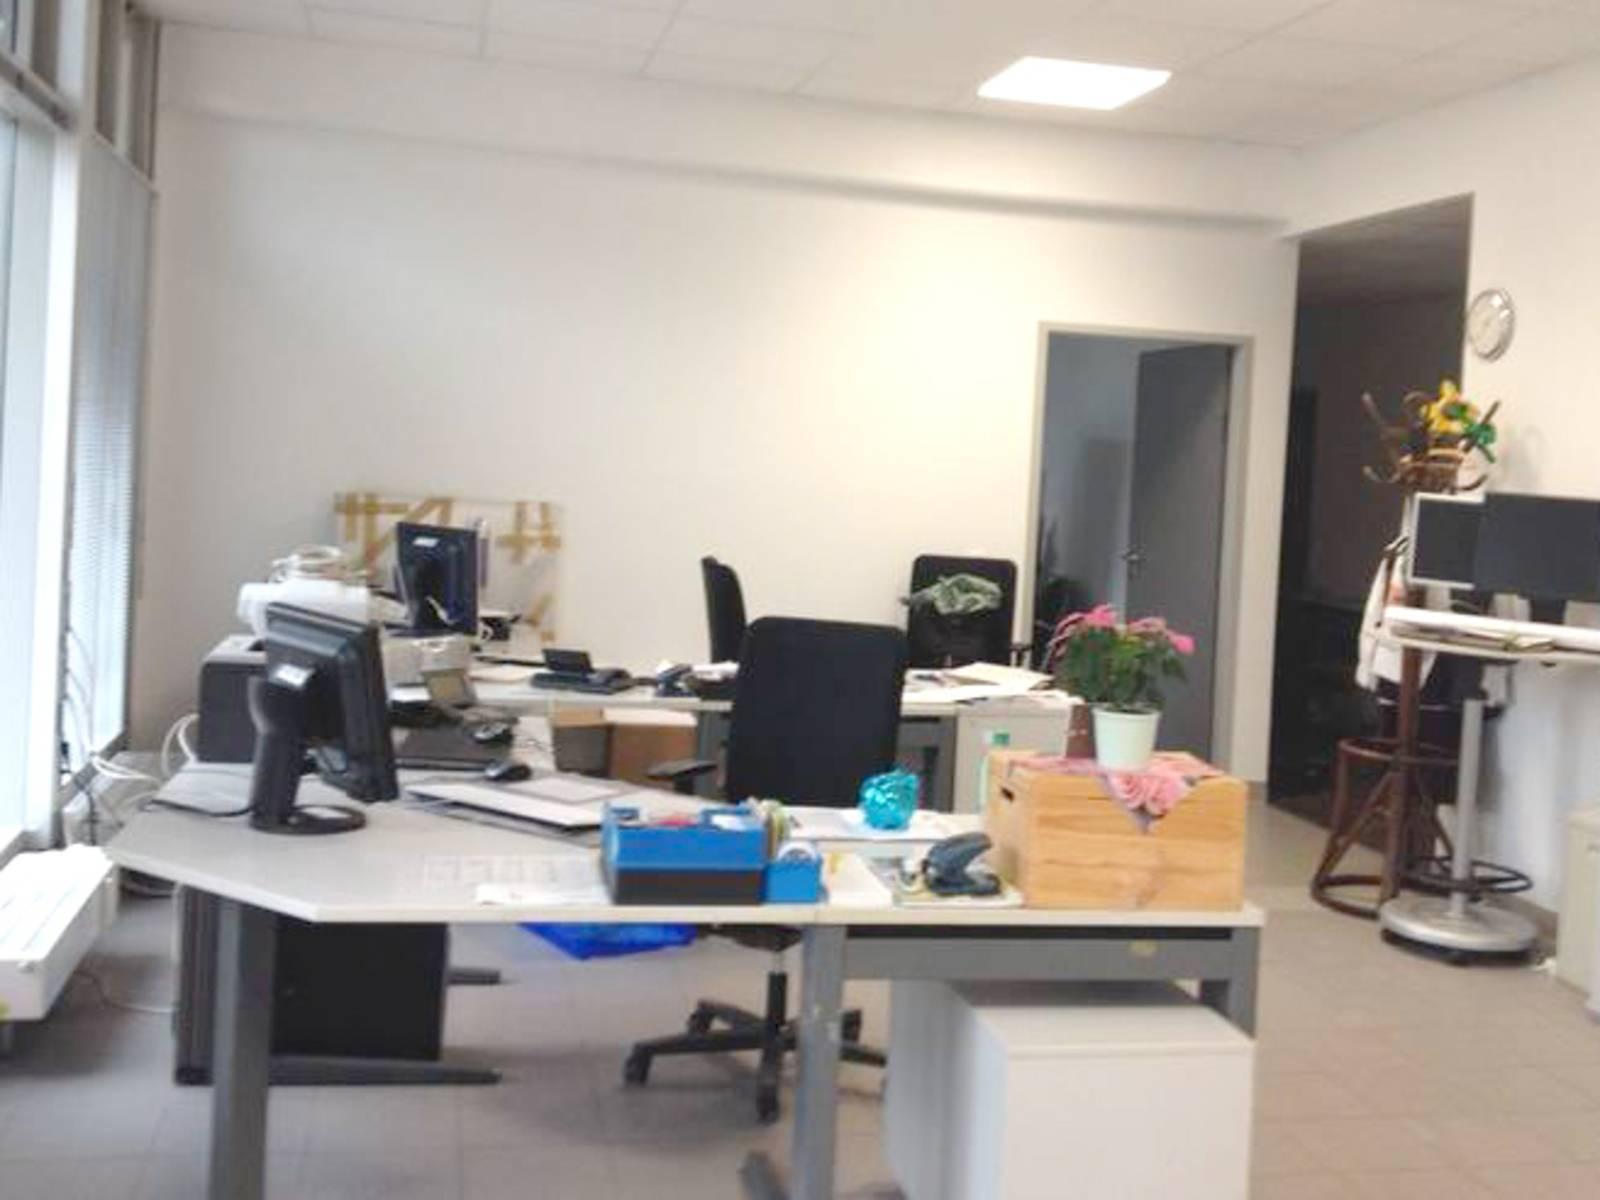 Der Blick richtet sich in das Büro - zu sehen sind zwei Schreibtischkombinationen im Vorder- und im Hinterbereich, rechts zu sehen sind 6 Aktenschränke, im hinteren Bereich rechts ein Stehtisch mit 2 Monitoren.